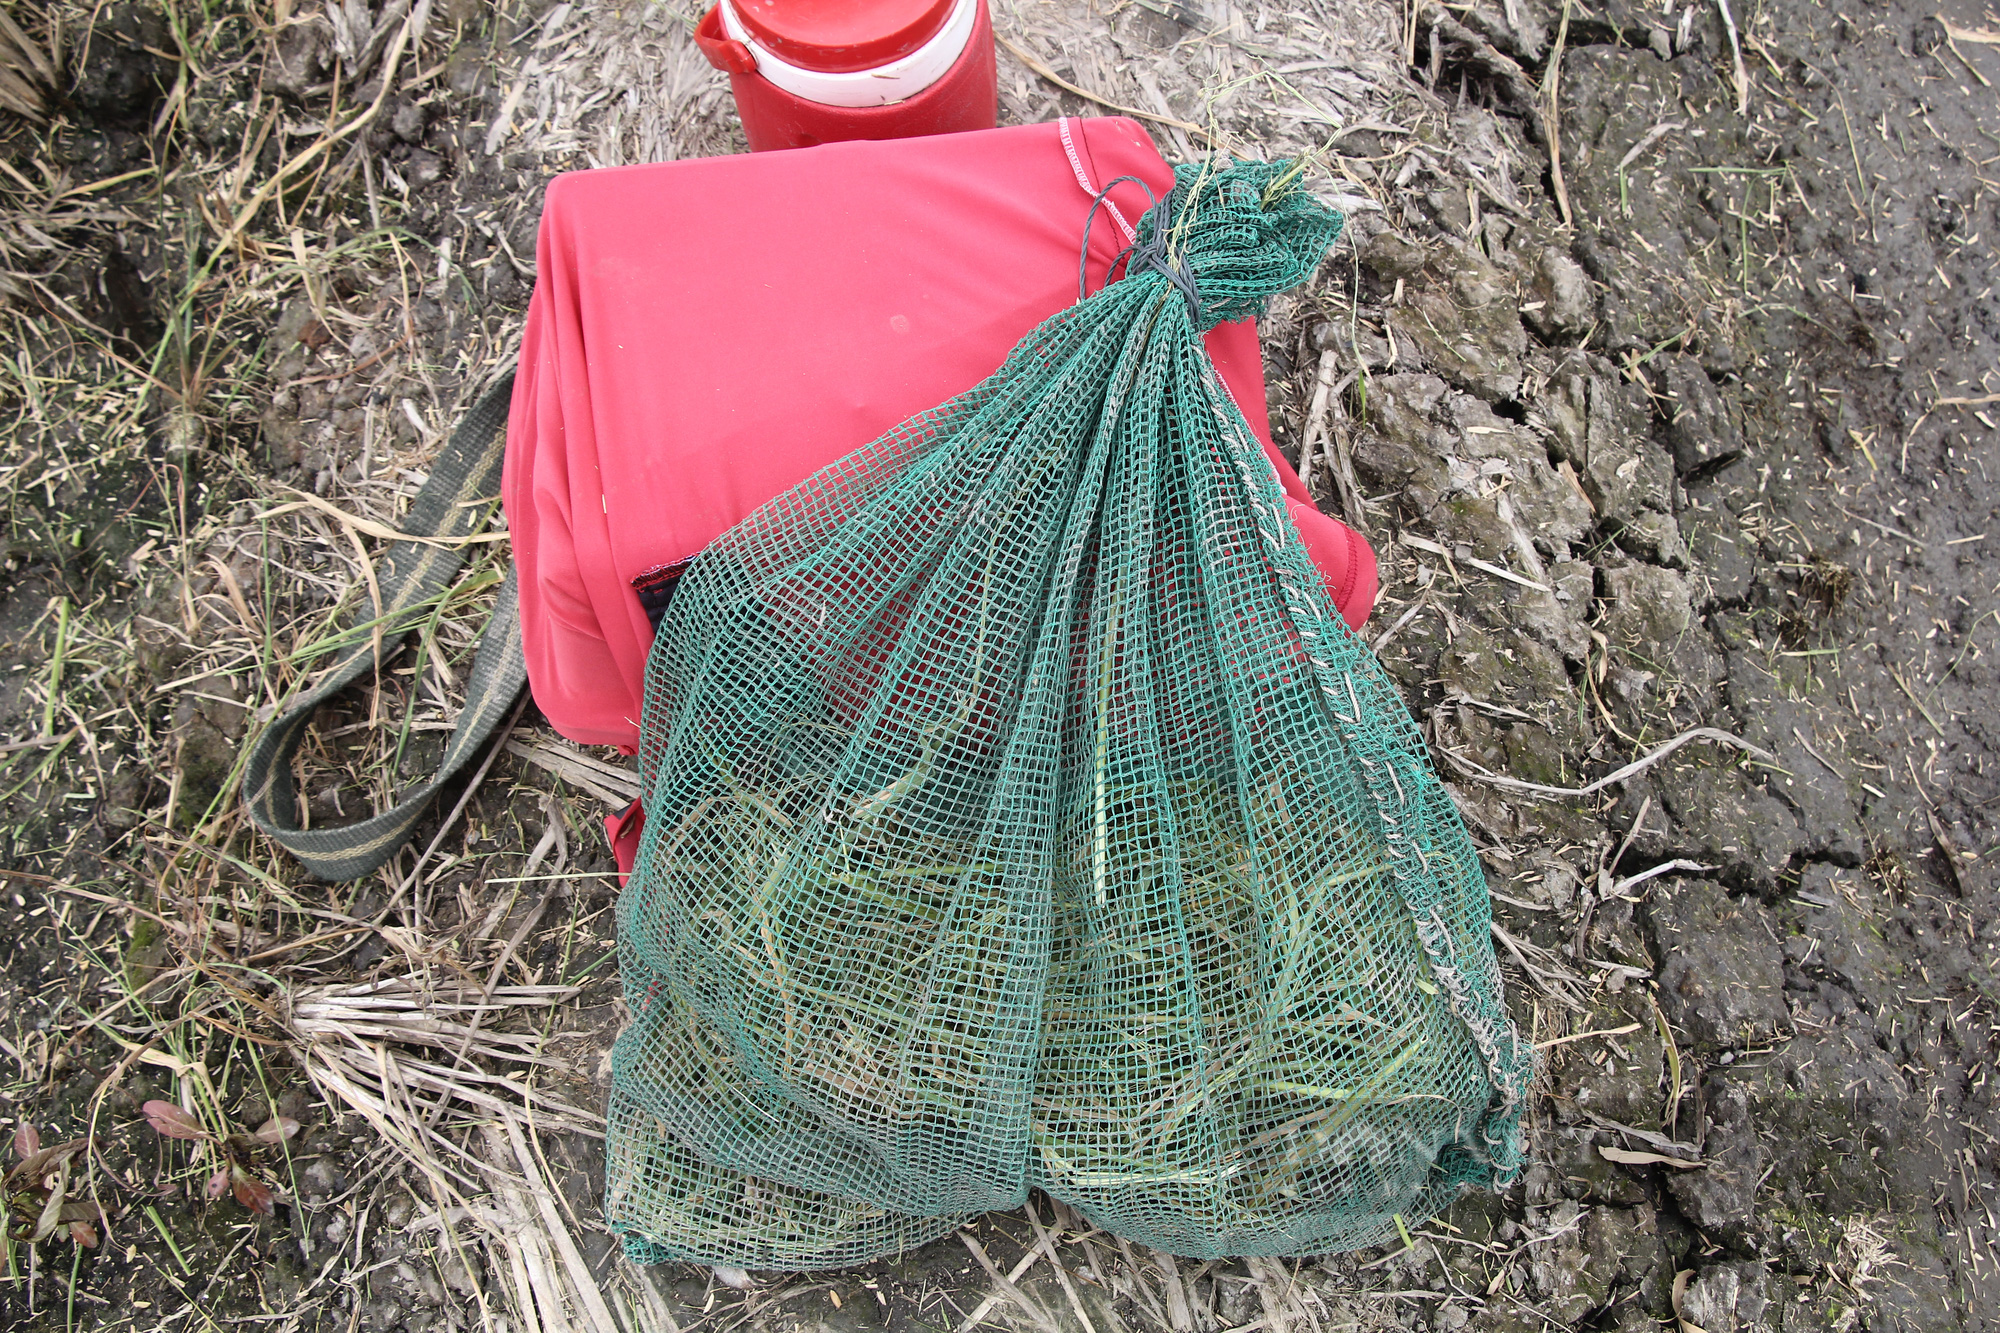 Thanh niên Cần Thơ rủ nhau đi bắt chuột đồng mùa thu hoạch lúa Thu Đông 2021 - Ảnh 11.